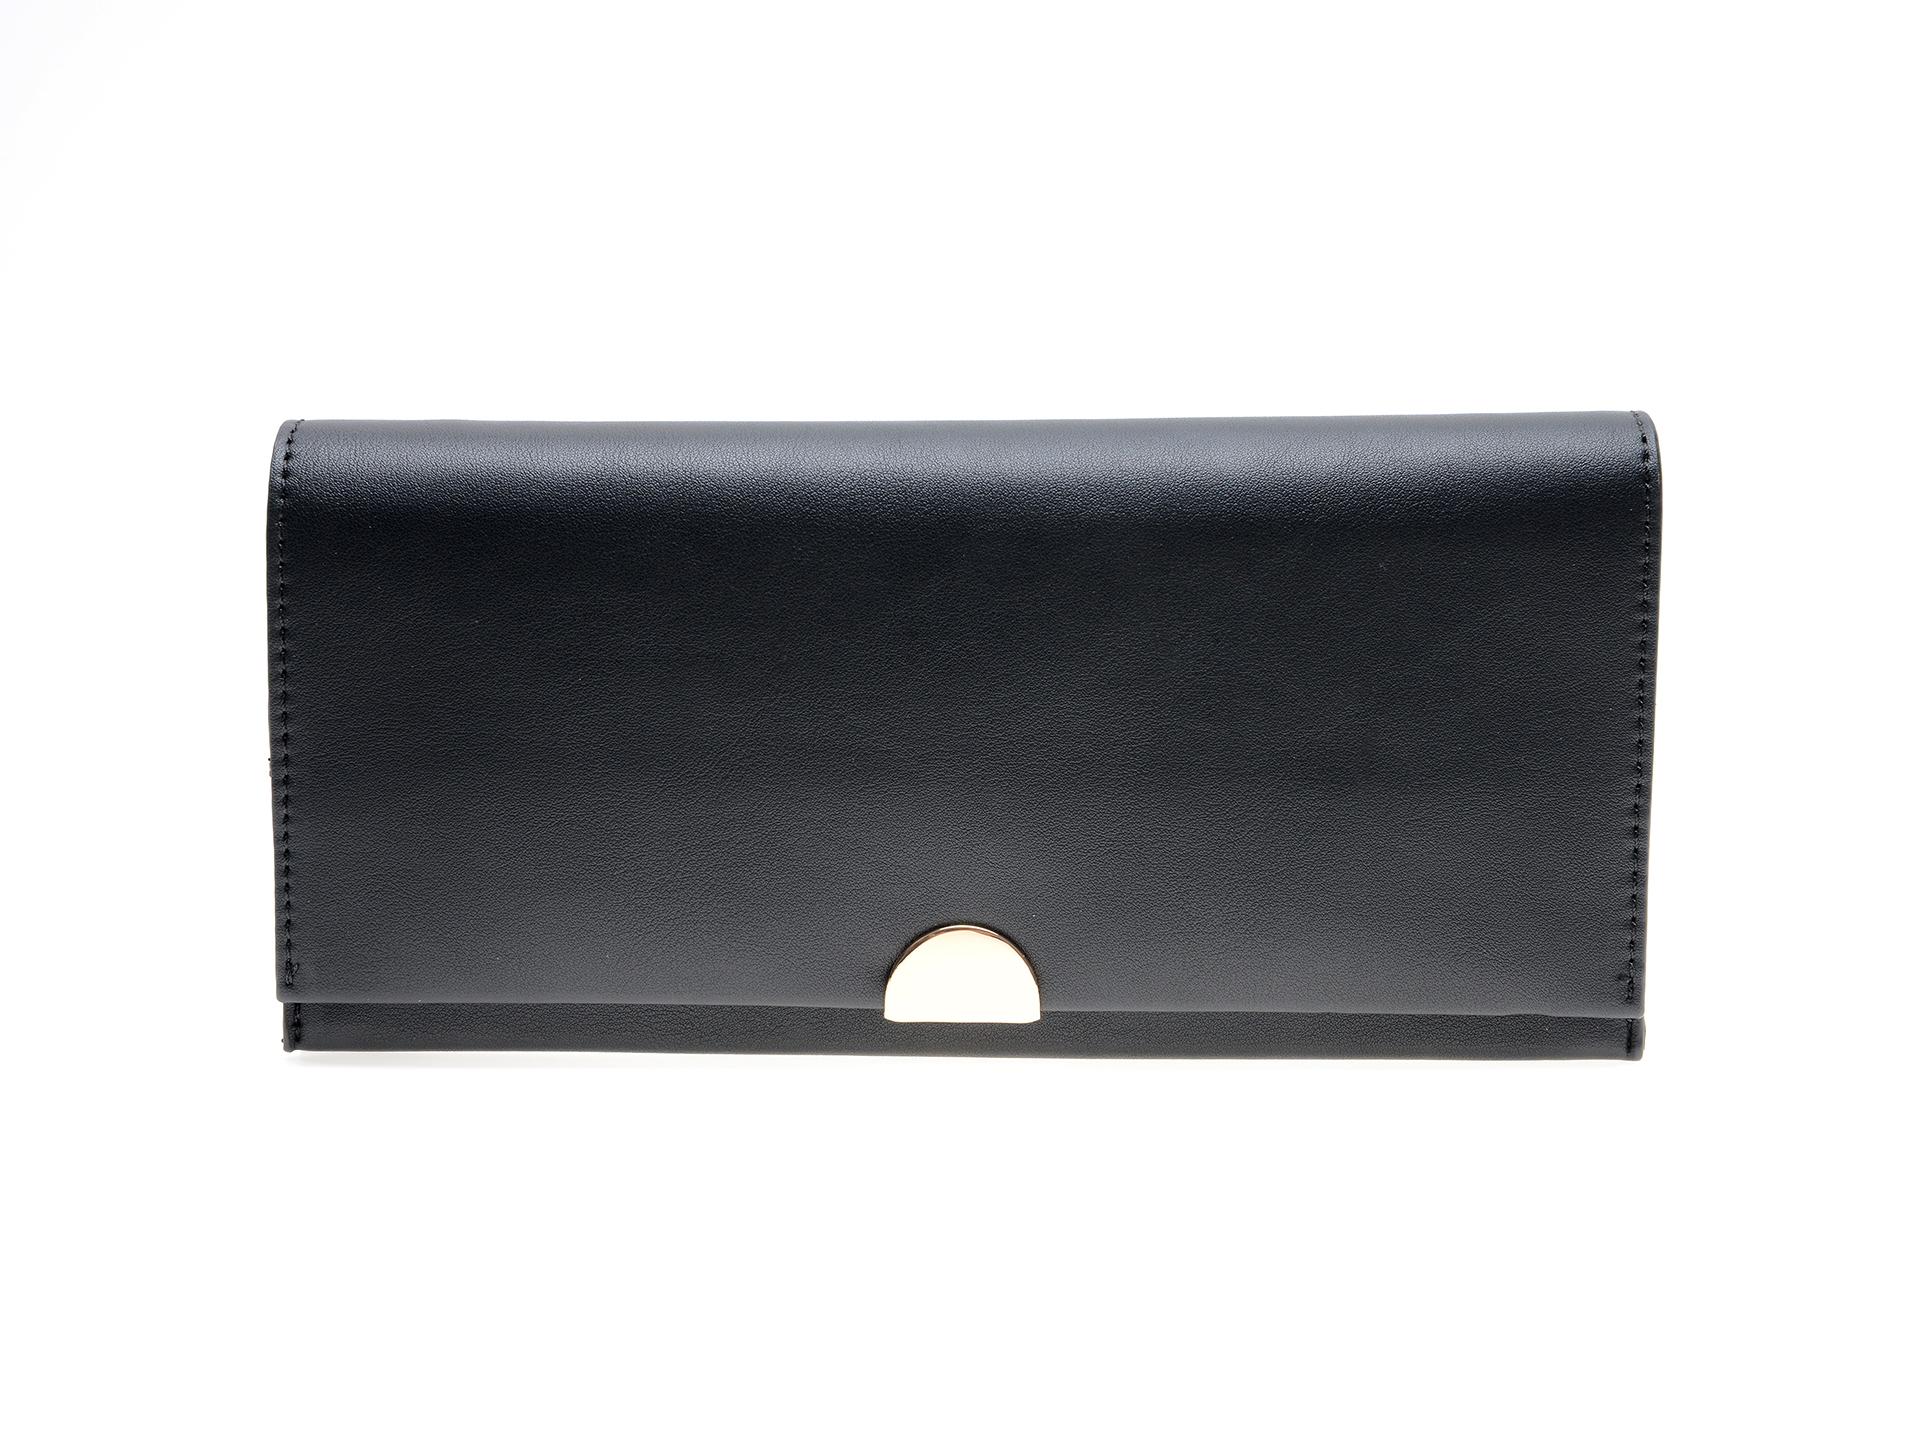 Poseta ALDO neagra, Roseleigh001, din piele ecologica imagine